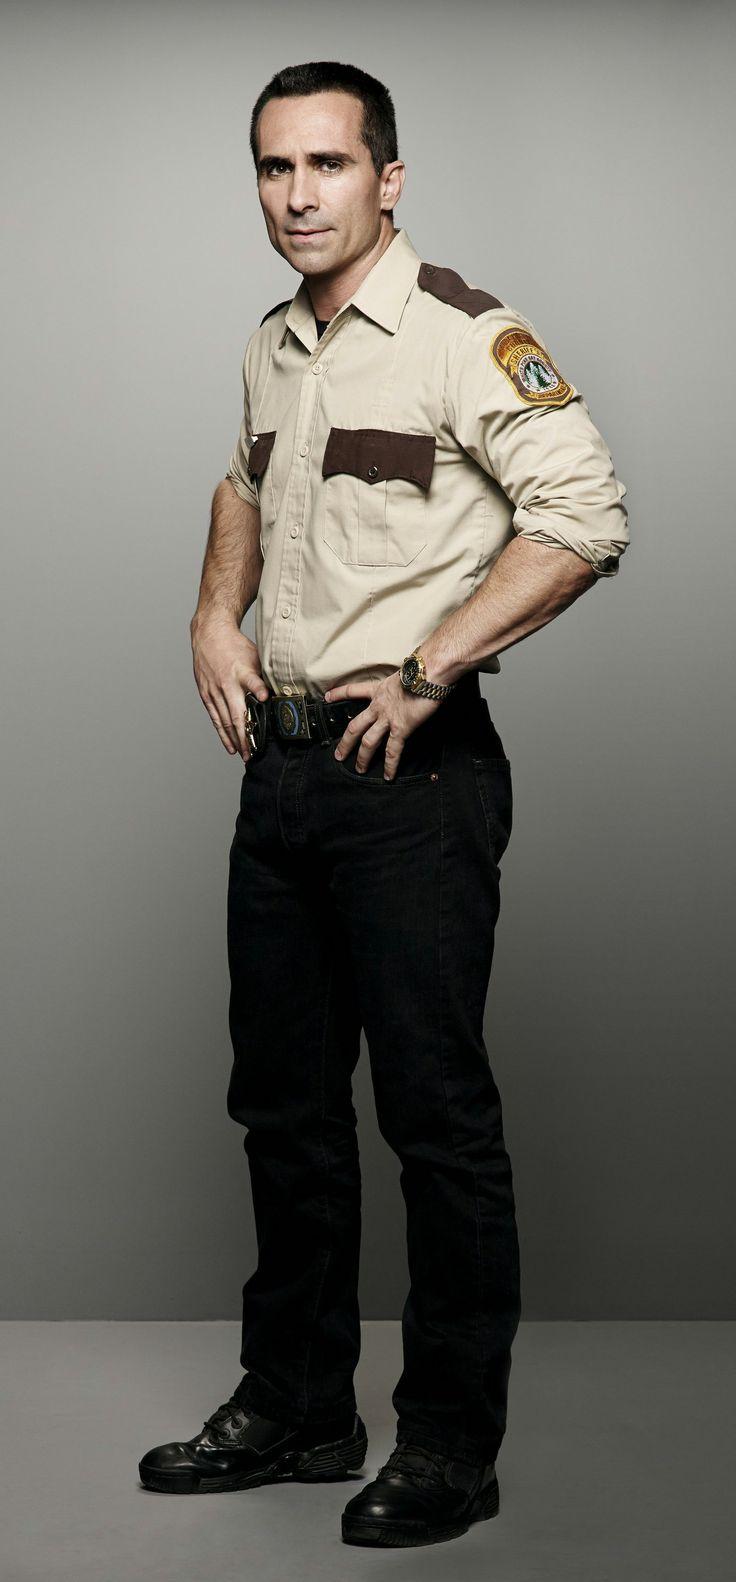 Bates Motel, Season 2, Promo, 2014. Anyone else think he hot as holy hell